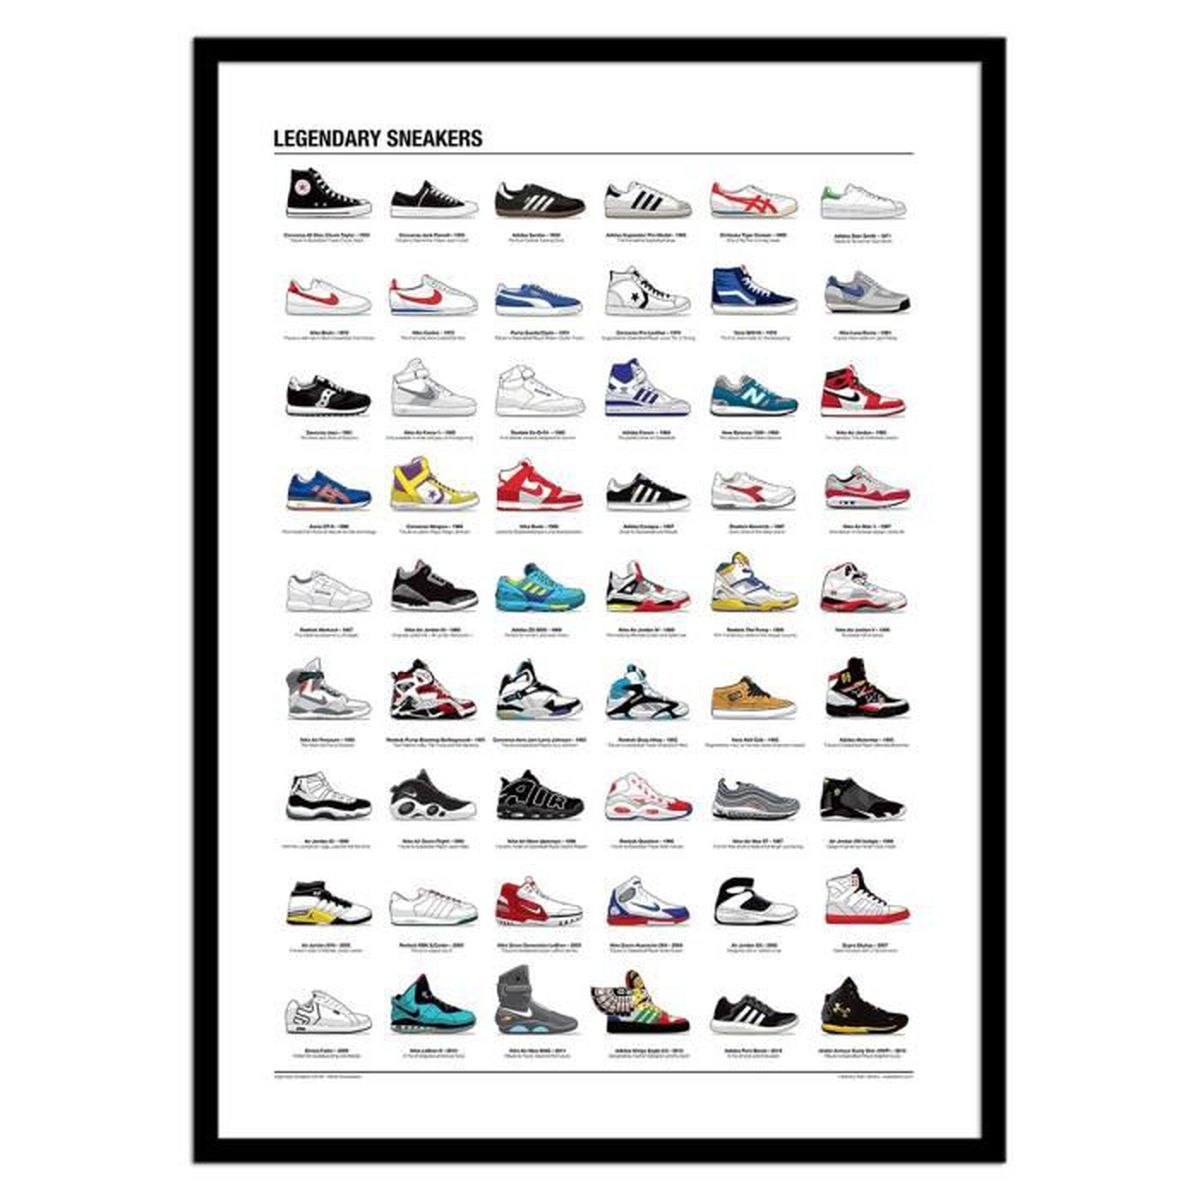 Affiche Ancienne Pour Salle De Bain affiche 50 x 70 cm - legendary sneakers - achat / vente